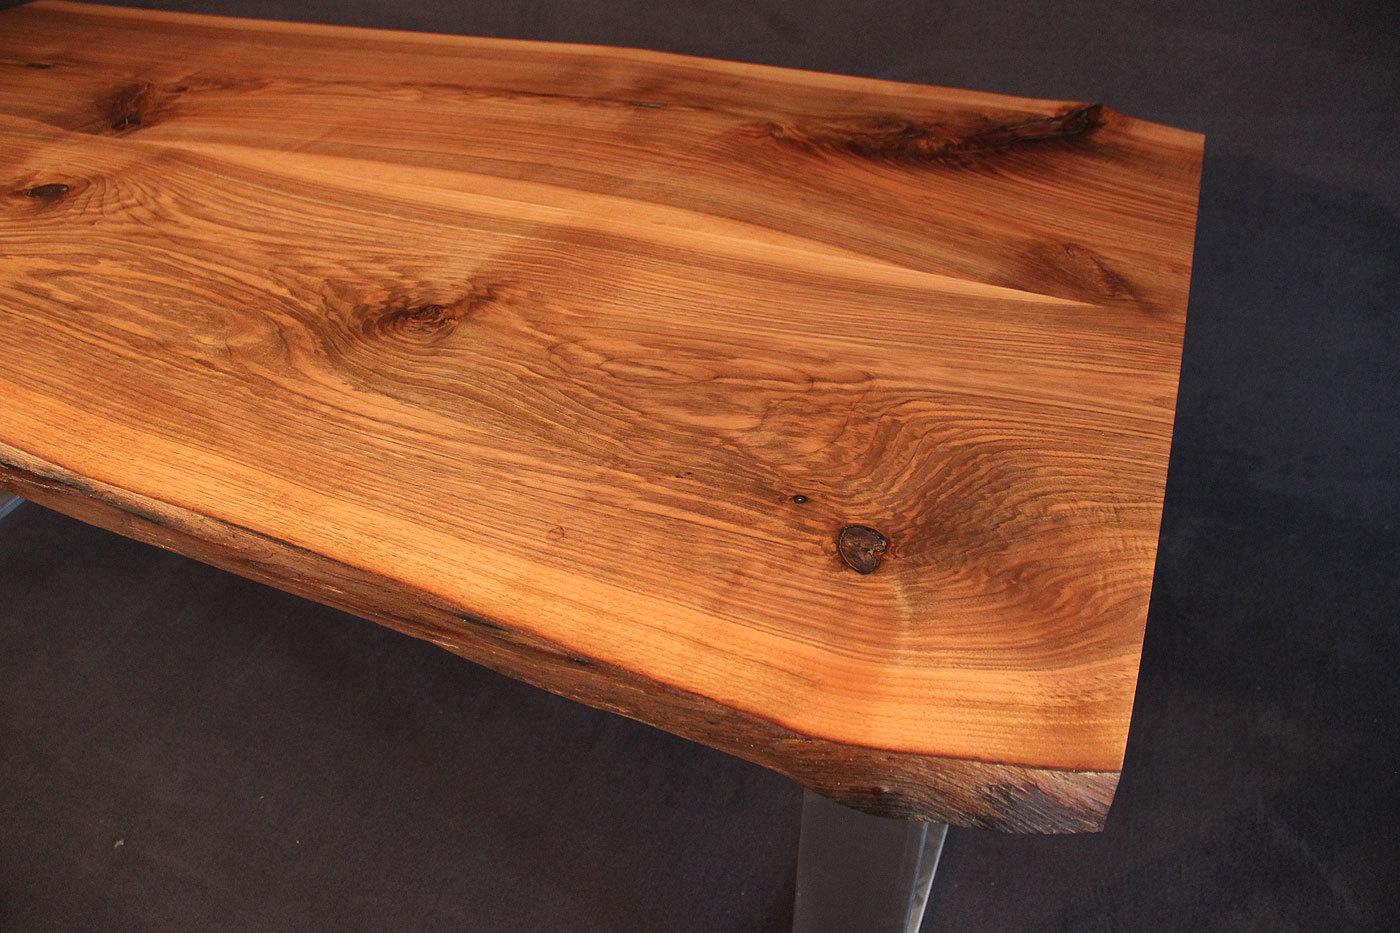 Tischplatte Massivholz Nussbaum ~ Tischplatte mit Baumkante Massivholz Kaukasischer Nussbaum Rustikal